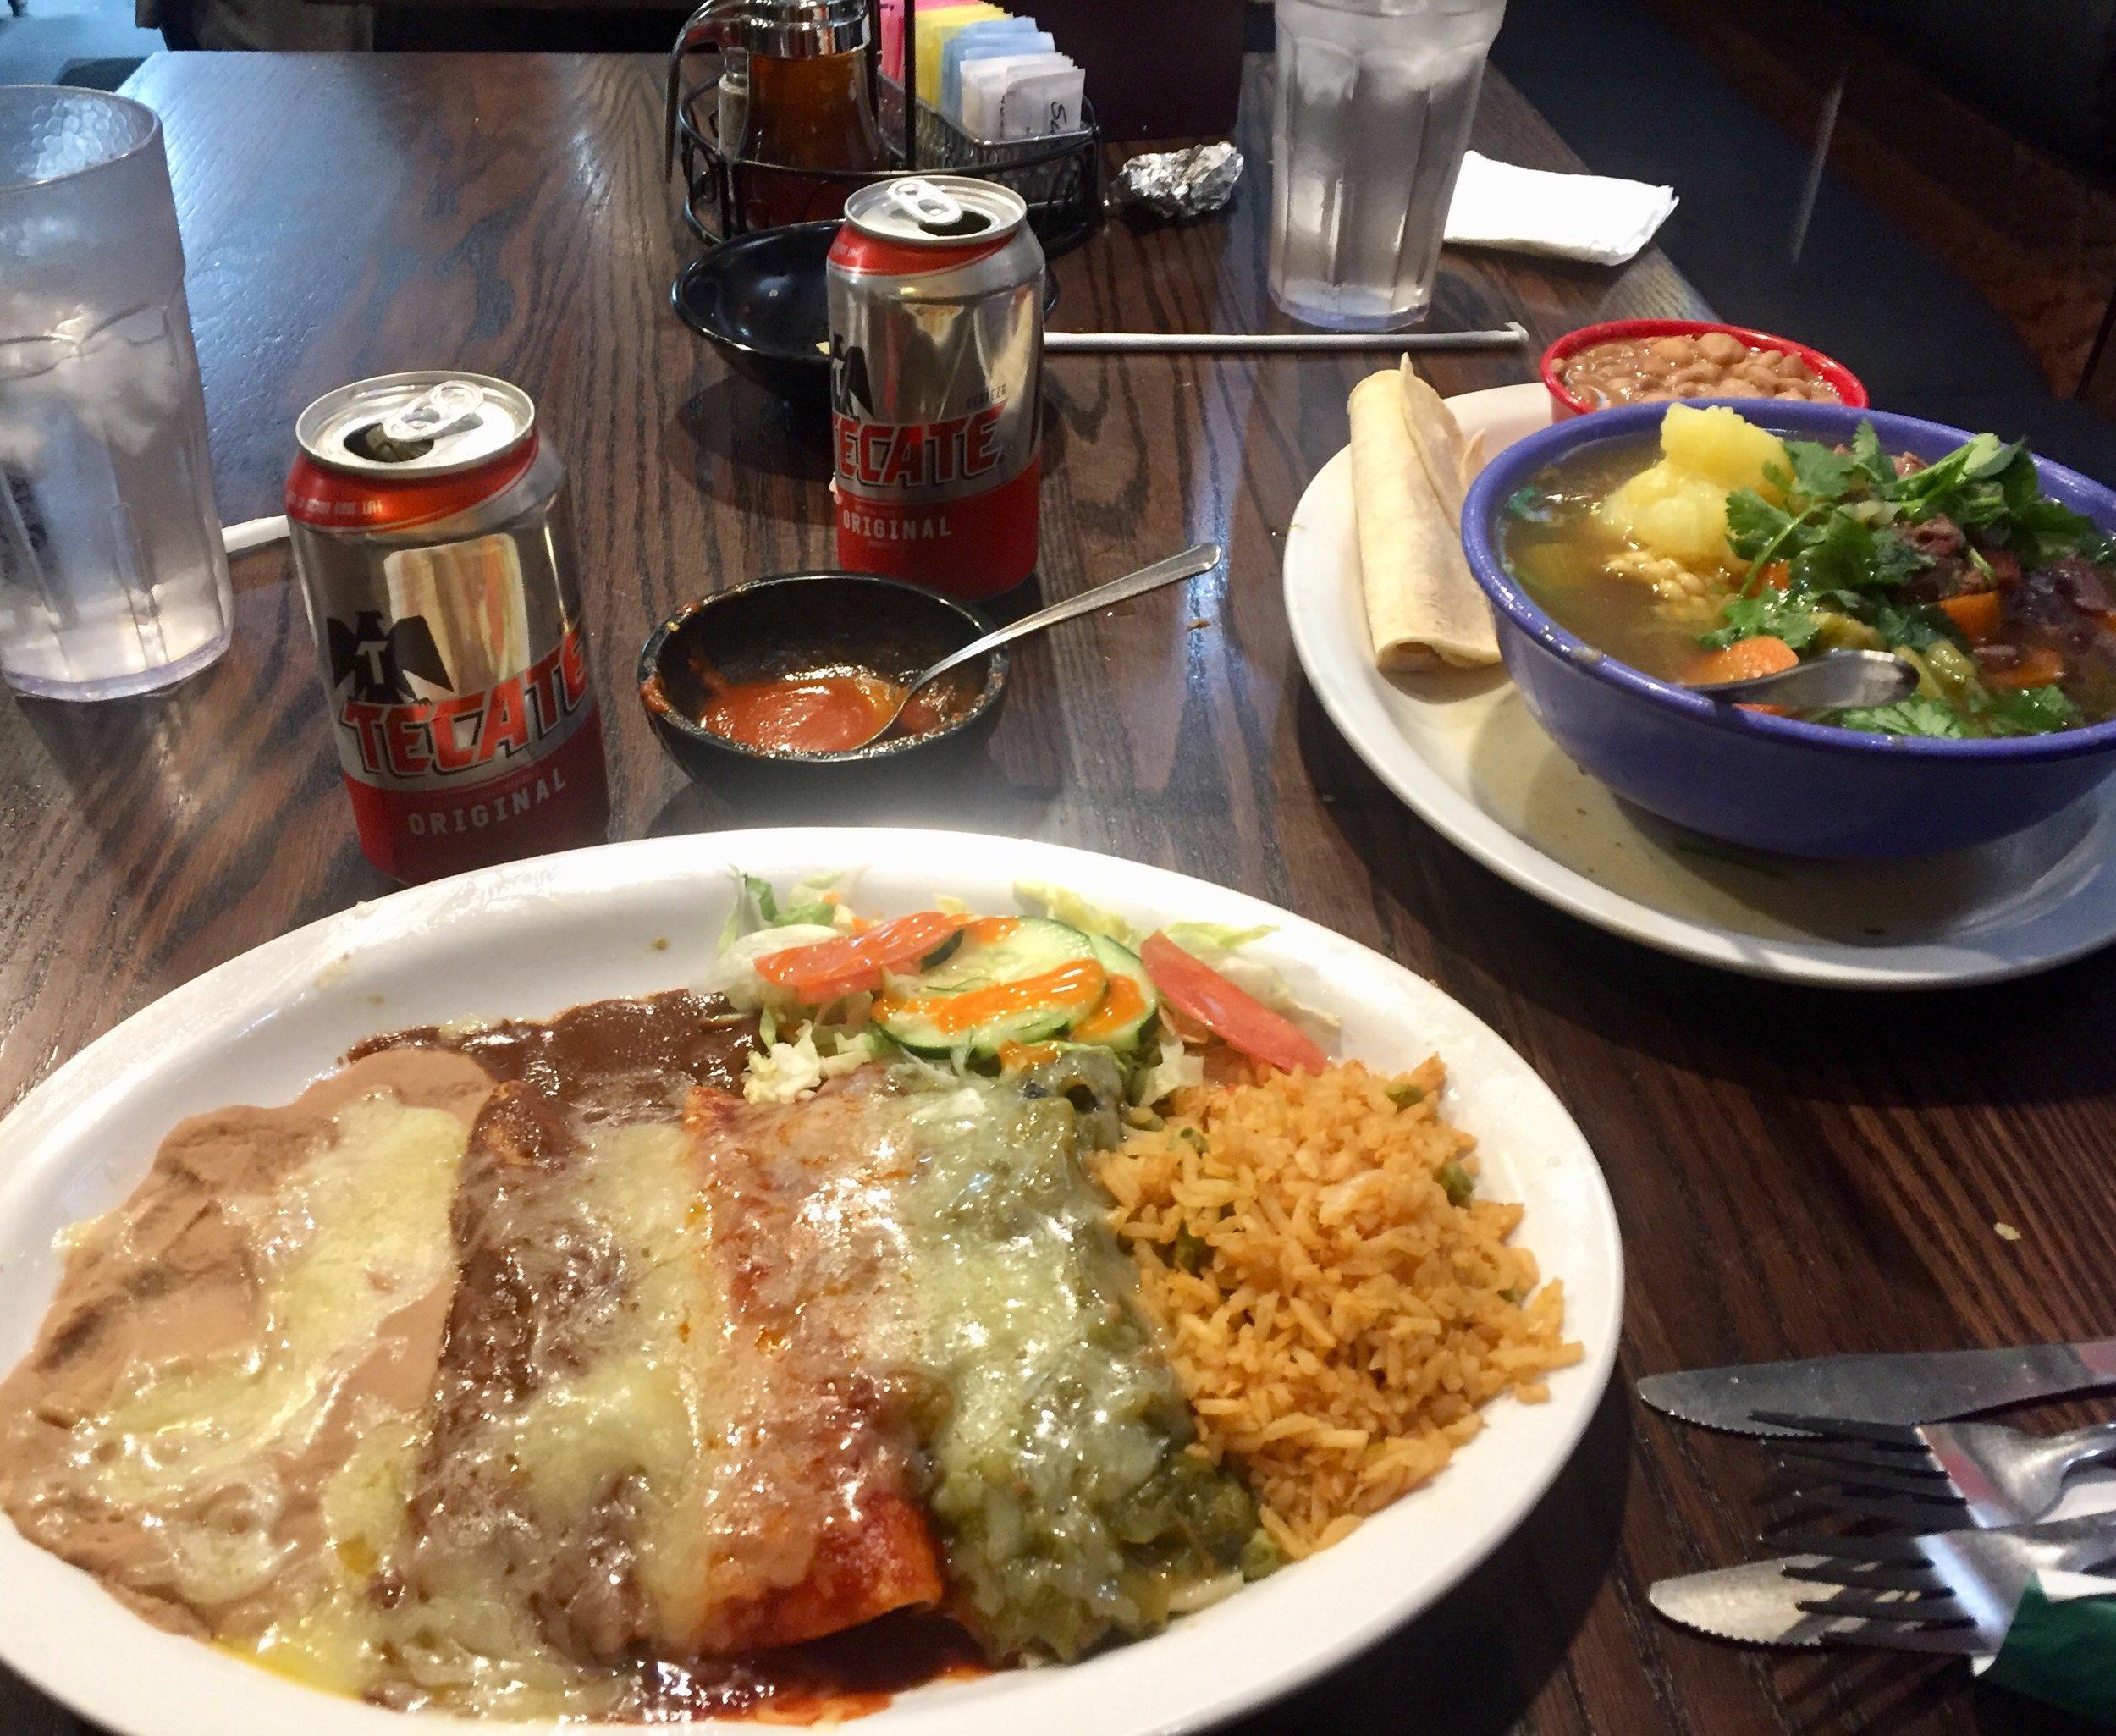 Dinner in El Paso, Texas at famed l & J Cafe